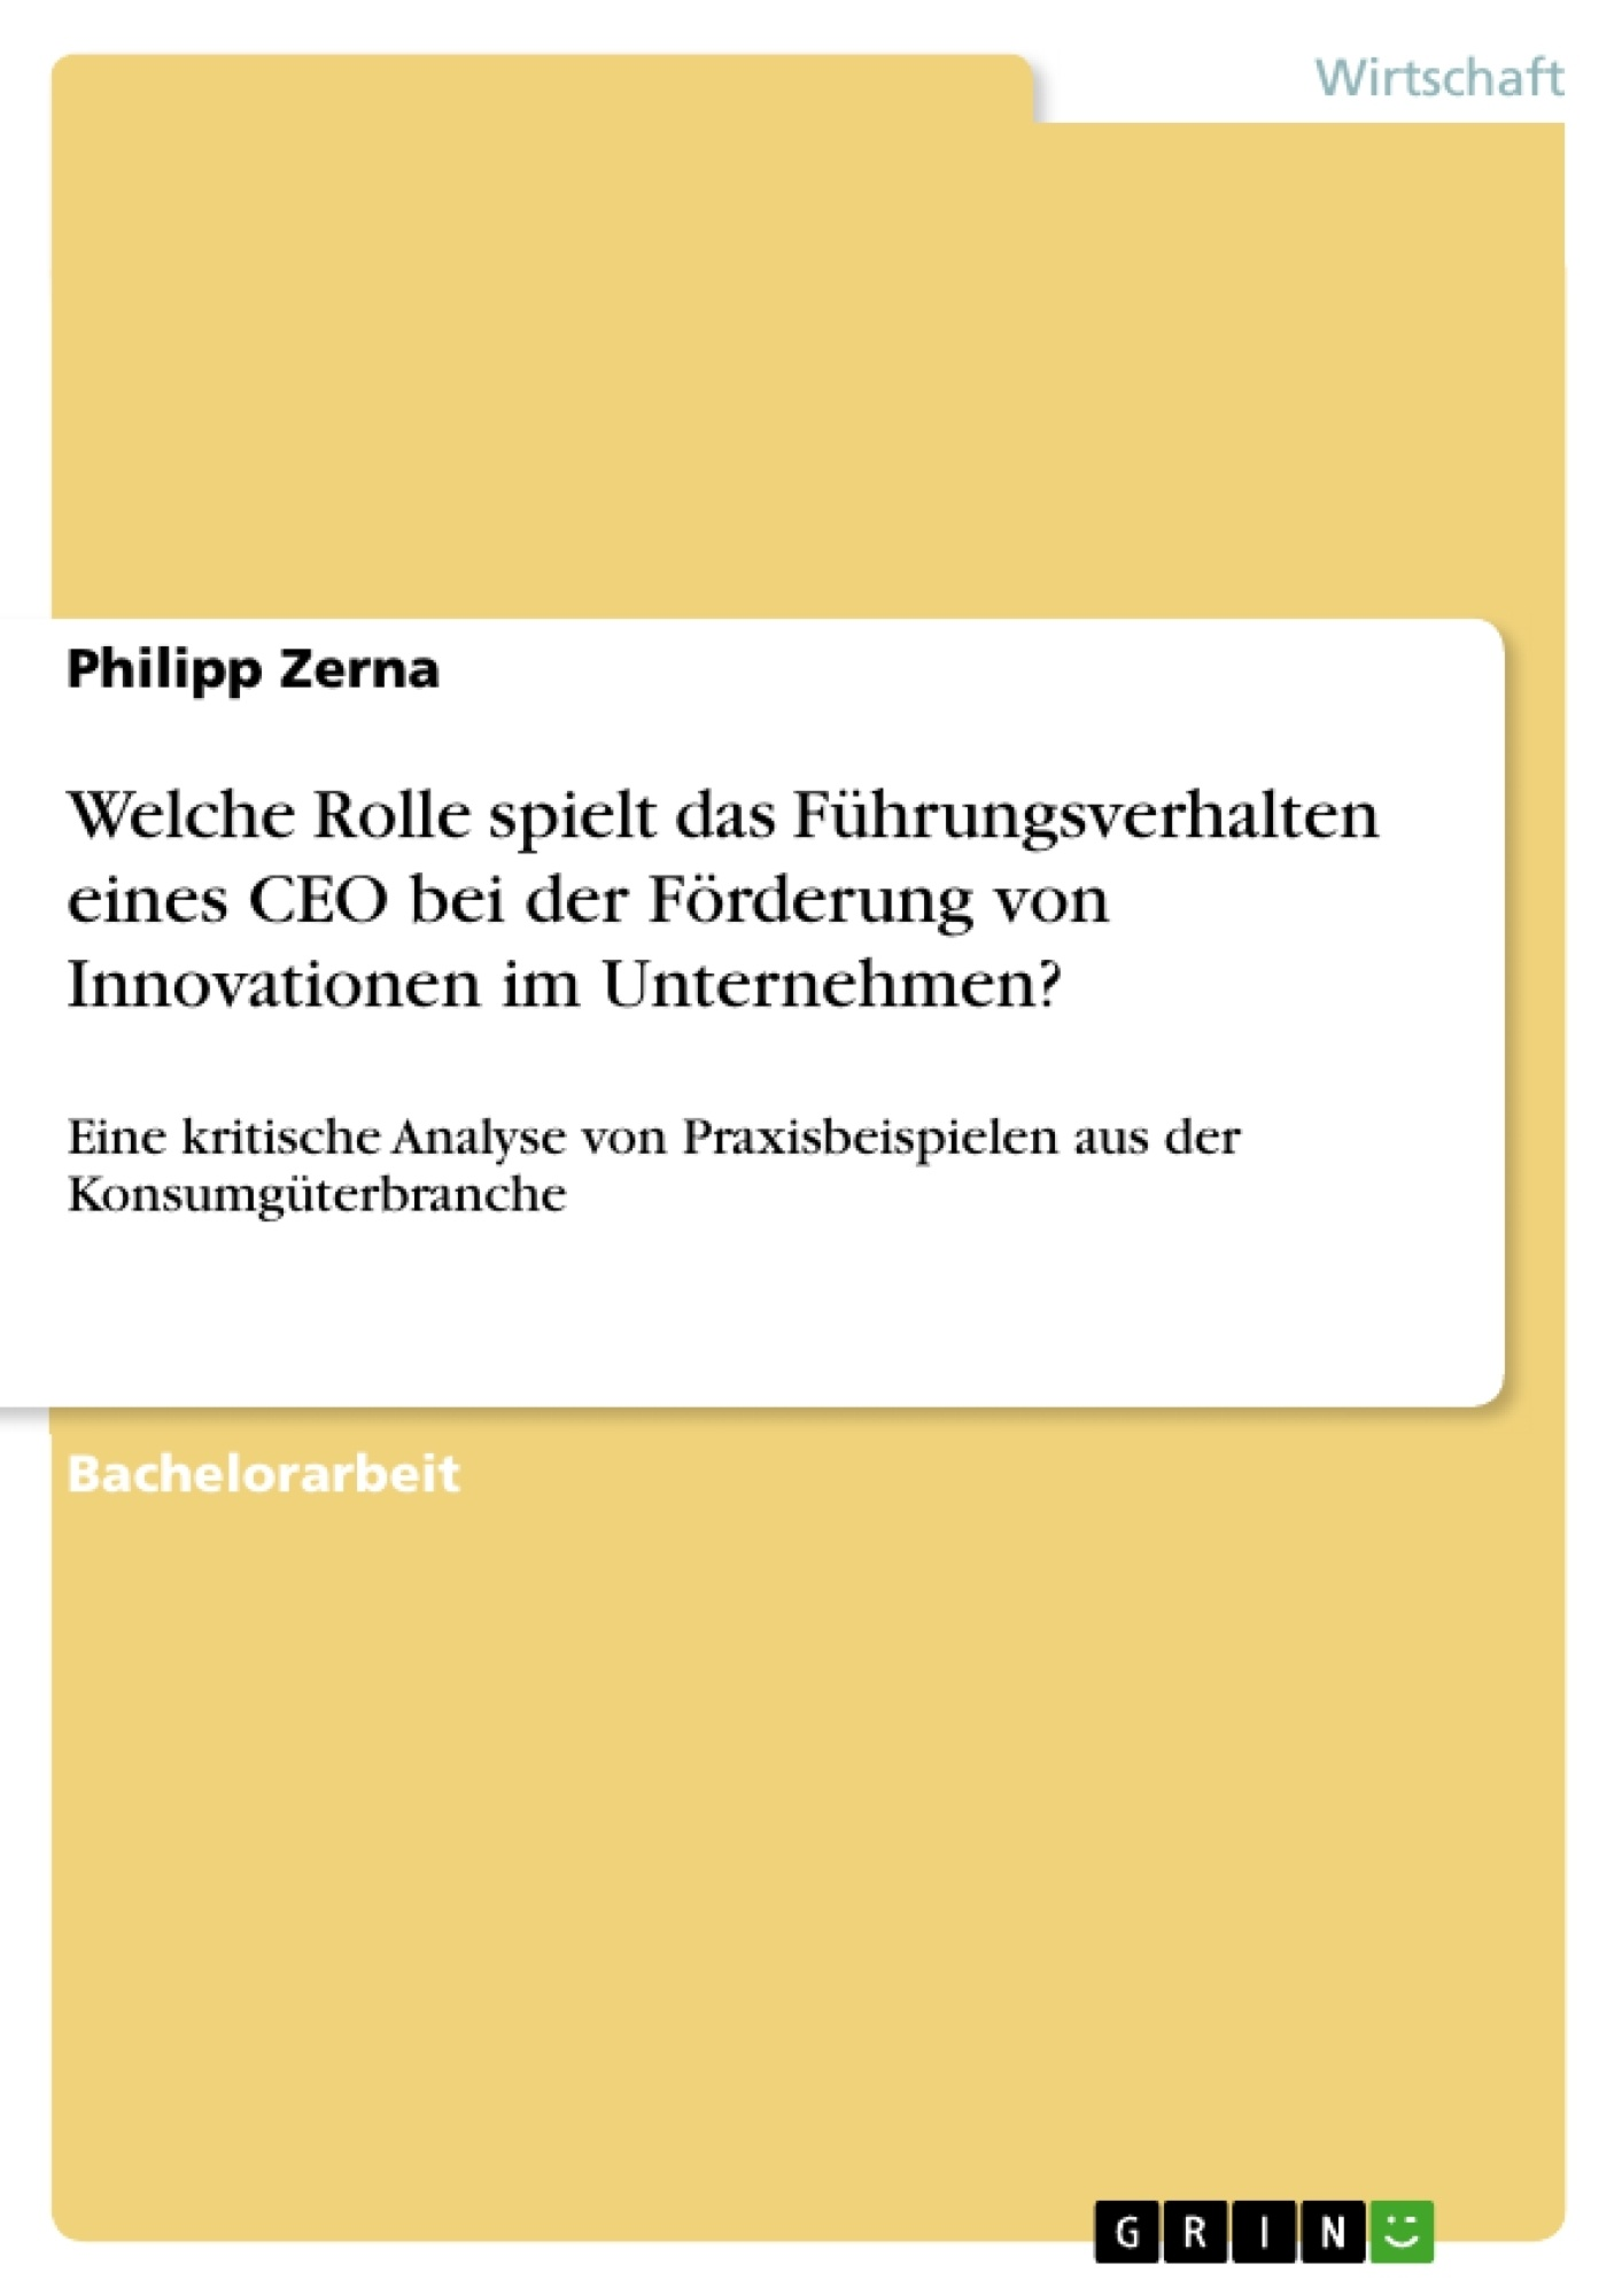 Titel: Welche Rolle spielt das Führungsverhalten eines CEO bei der Förderung von Innovationen im Unternehmen?